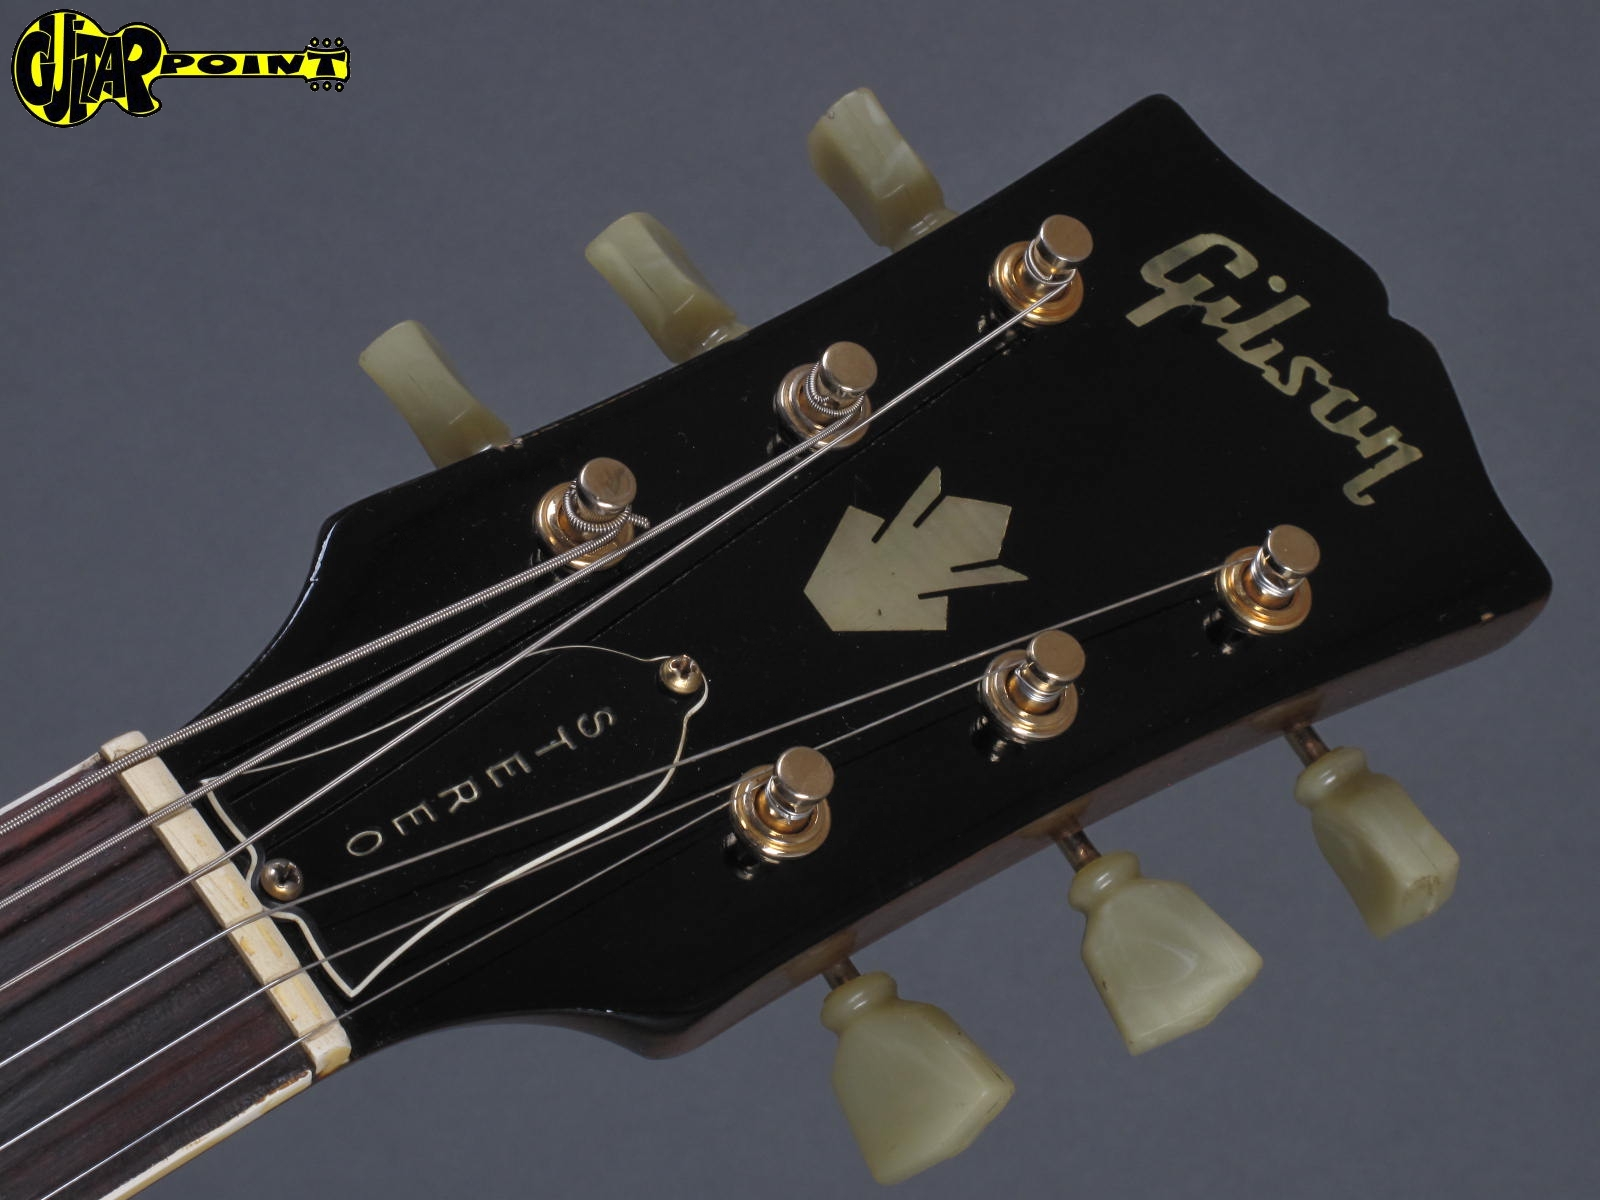 gibson es 345 tdsv stereo 1968 sunburst guitar for sale guitarpoint. Black Bedroom Furniture Sets. Home Design Ideas